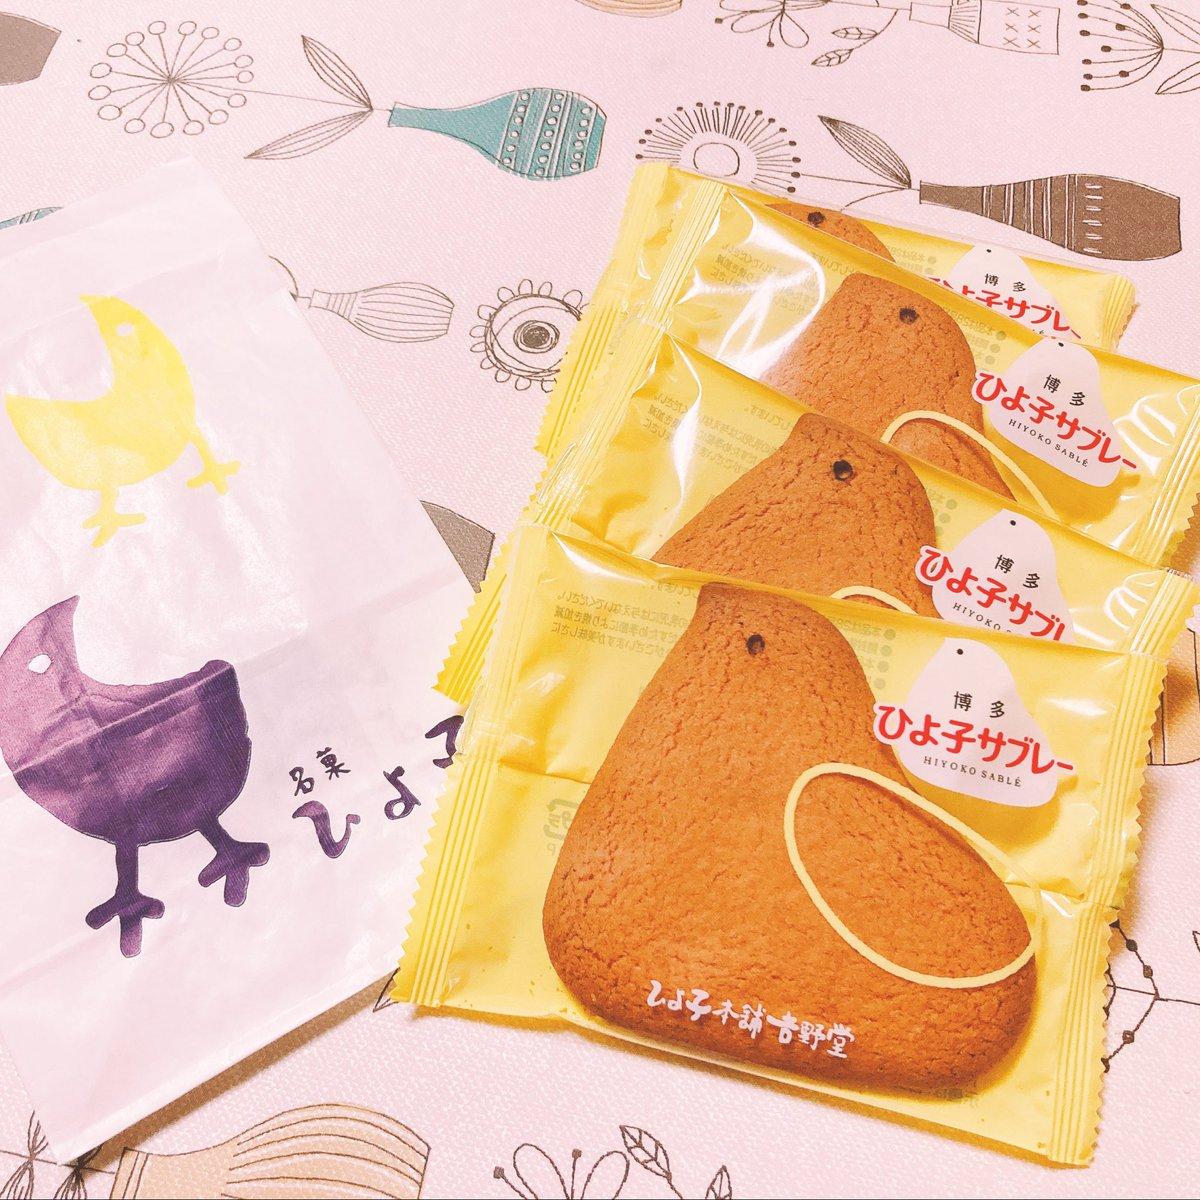 test ツイッターメディア - しばらく鳩サブレーを買いに行けないなぁと思ったら、福岡にはひよ子サブレーがあるじゃないか!!!😚 https://t.co/1BsfX8YnGx